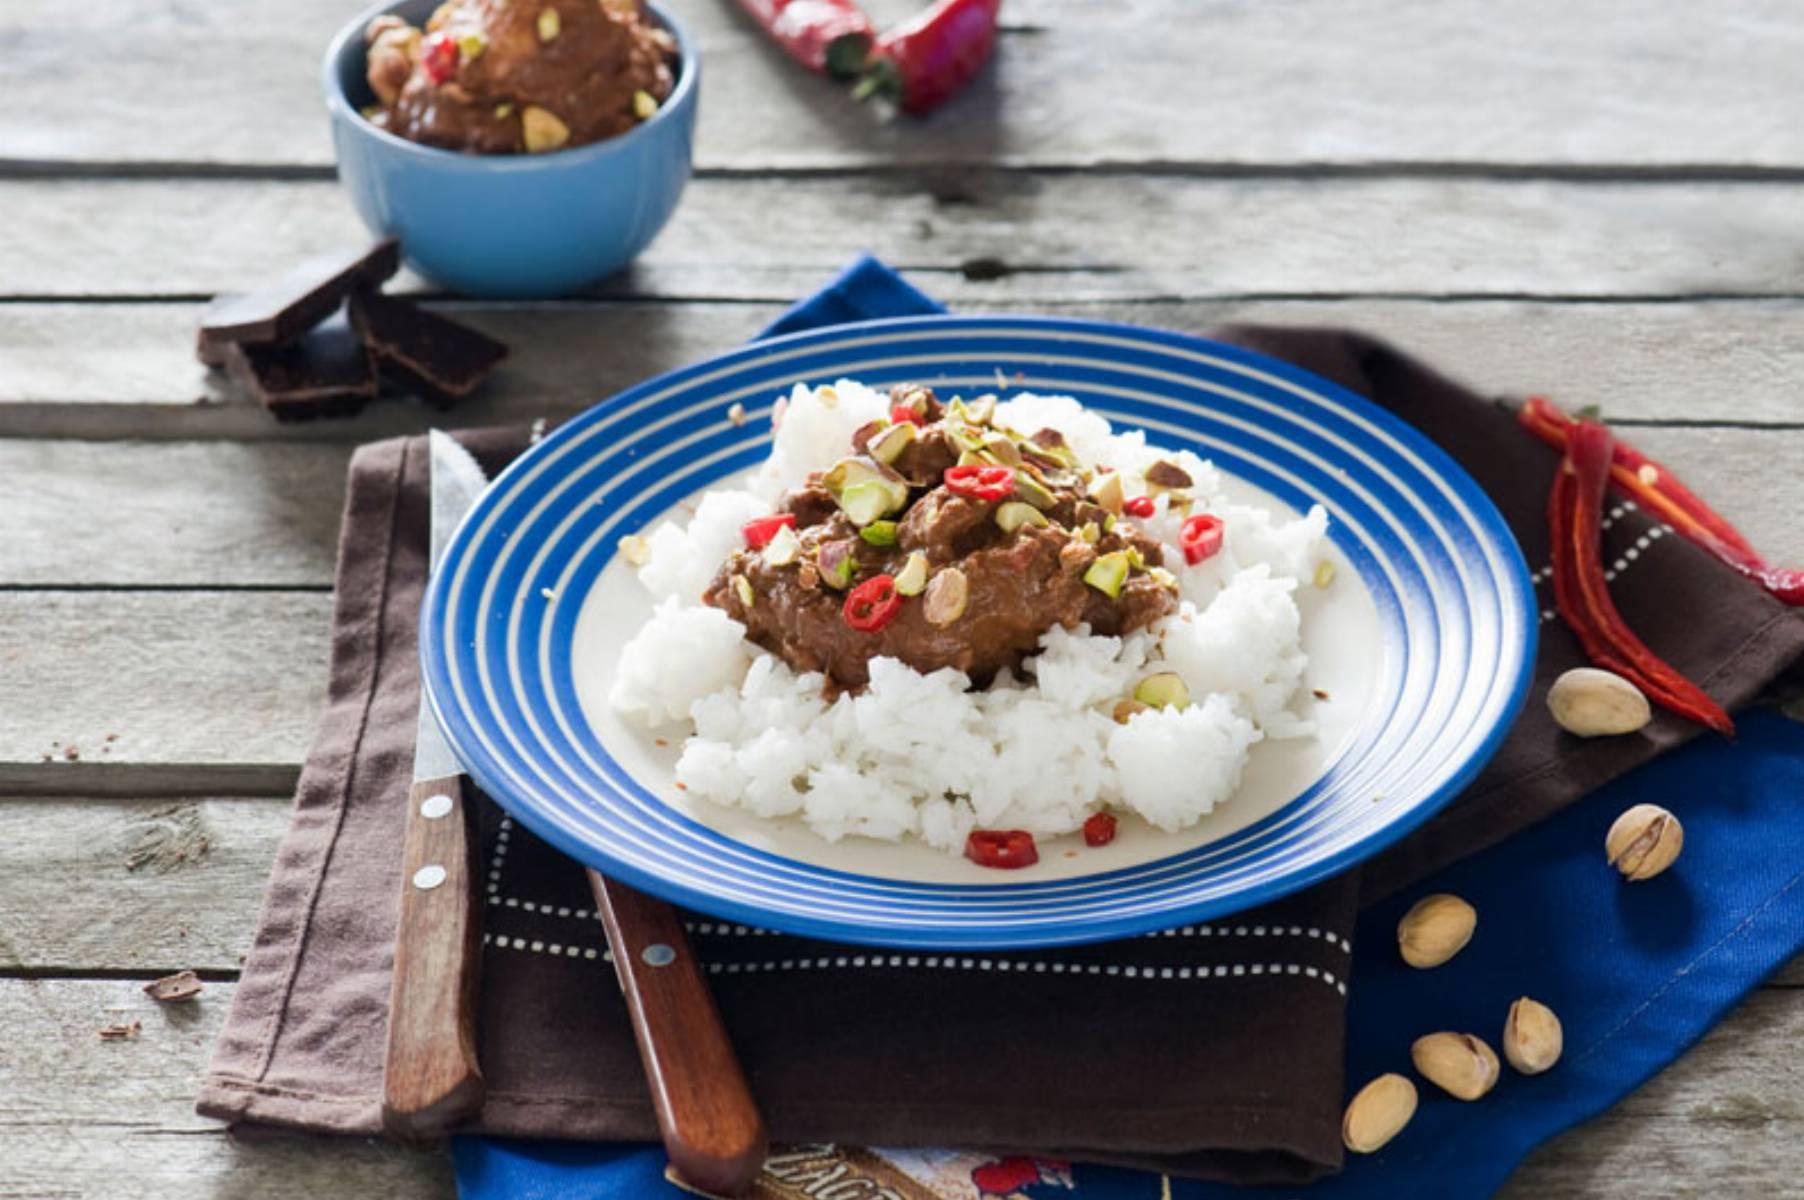 Meksykański kurczak w sosie mole z czekoladą i chili